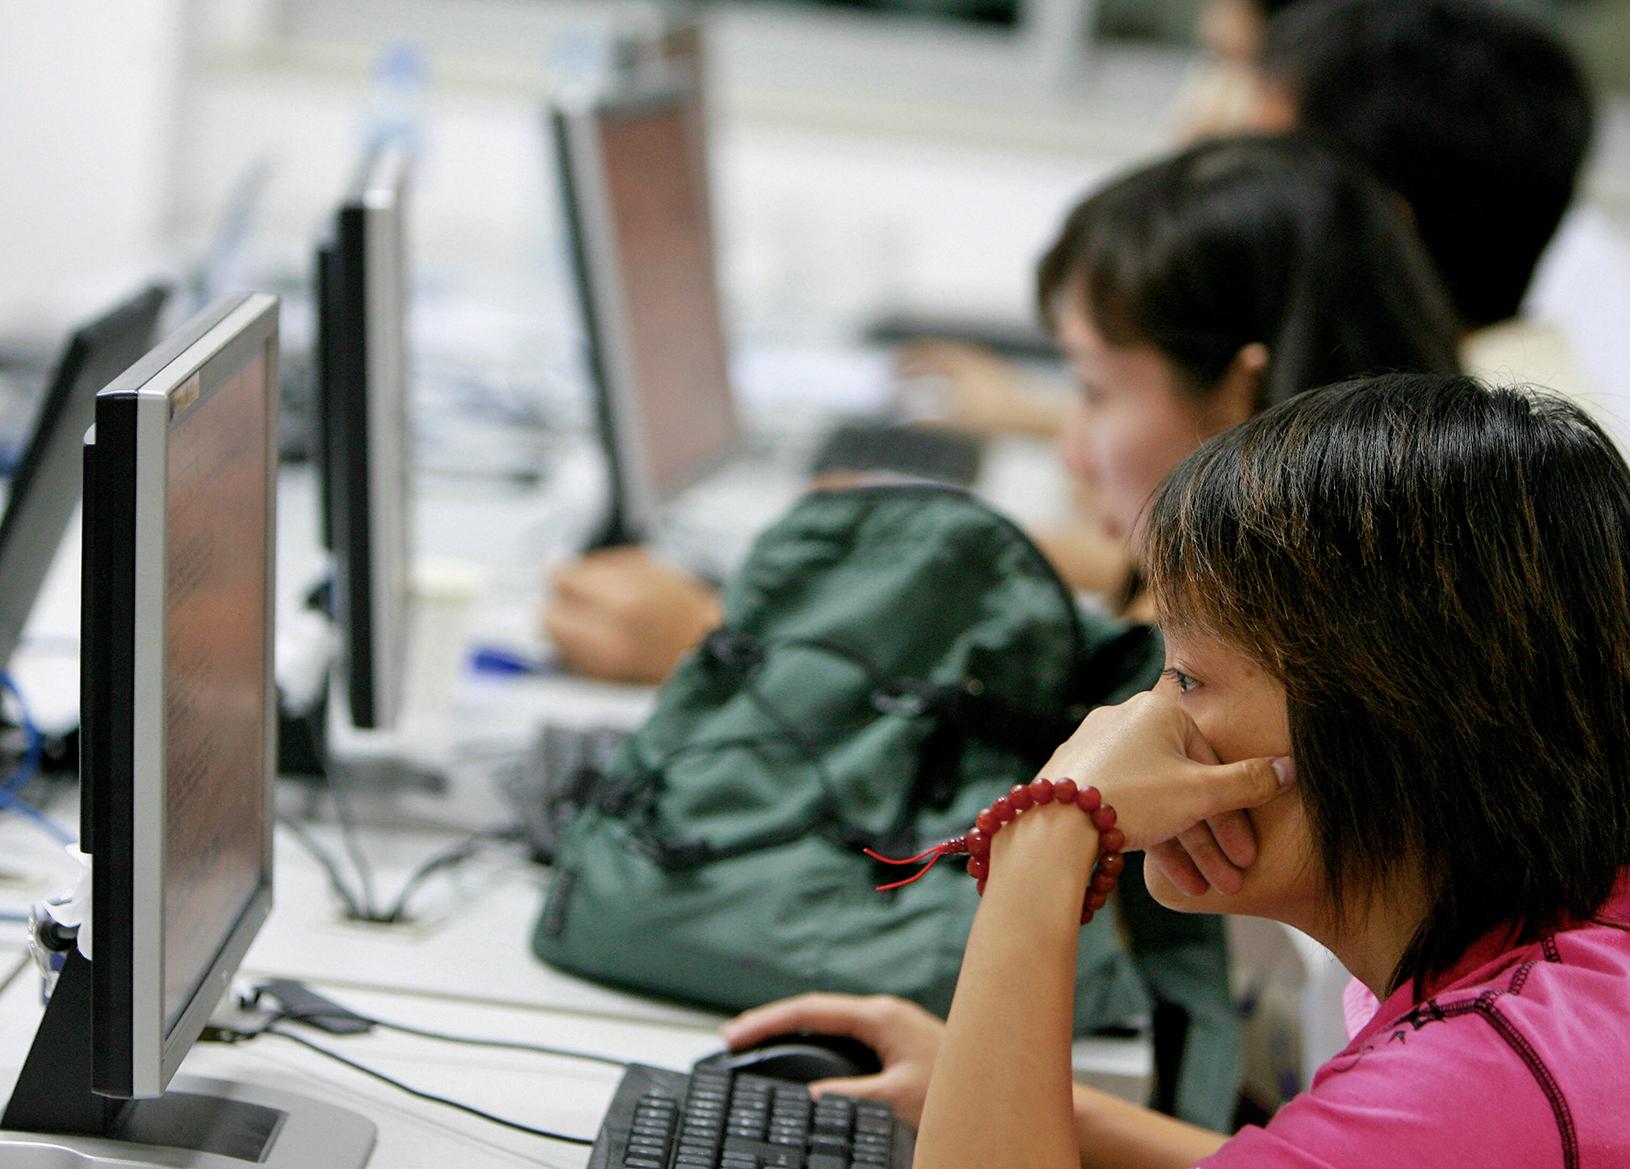 中共正在關閉VPN(虛擬私人網絡)。外國企業現在被迫在孤立、受監控和撤退之間做出選擇。(Getty Images)